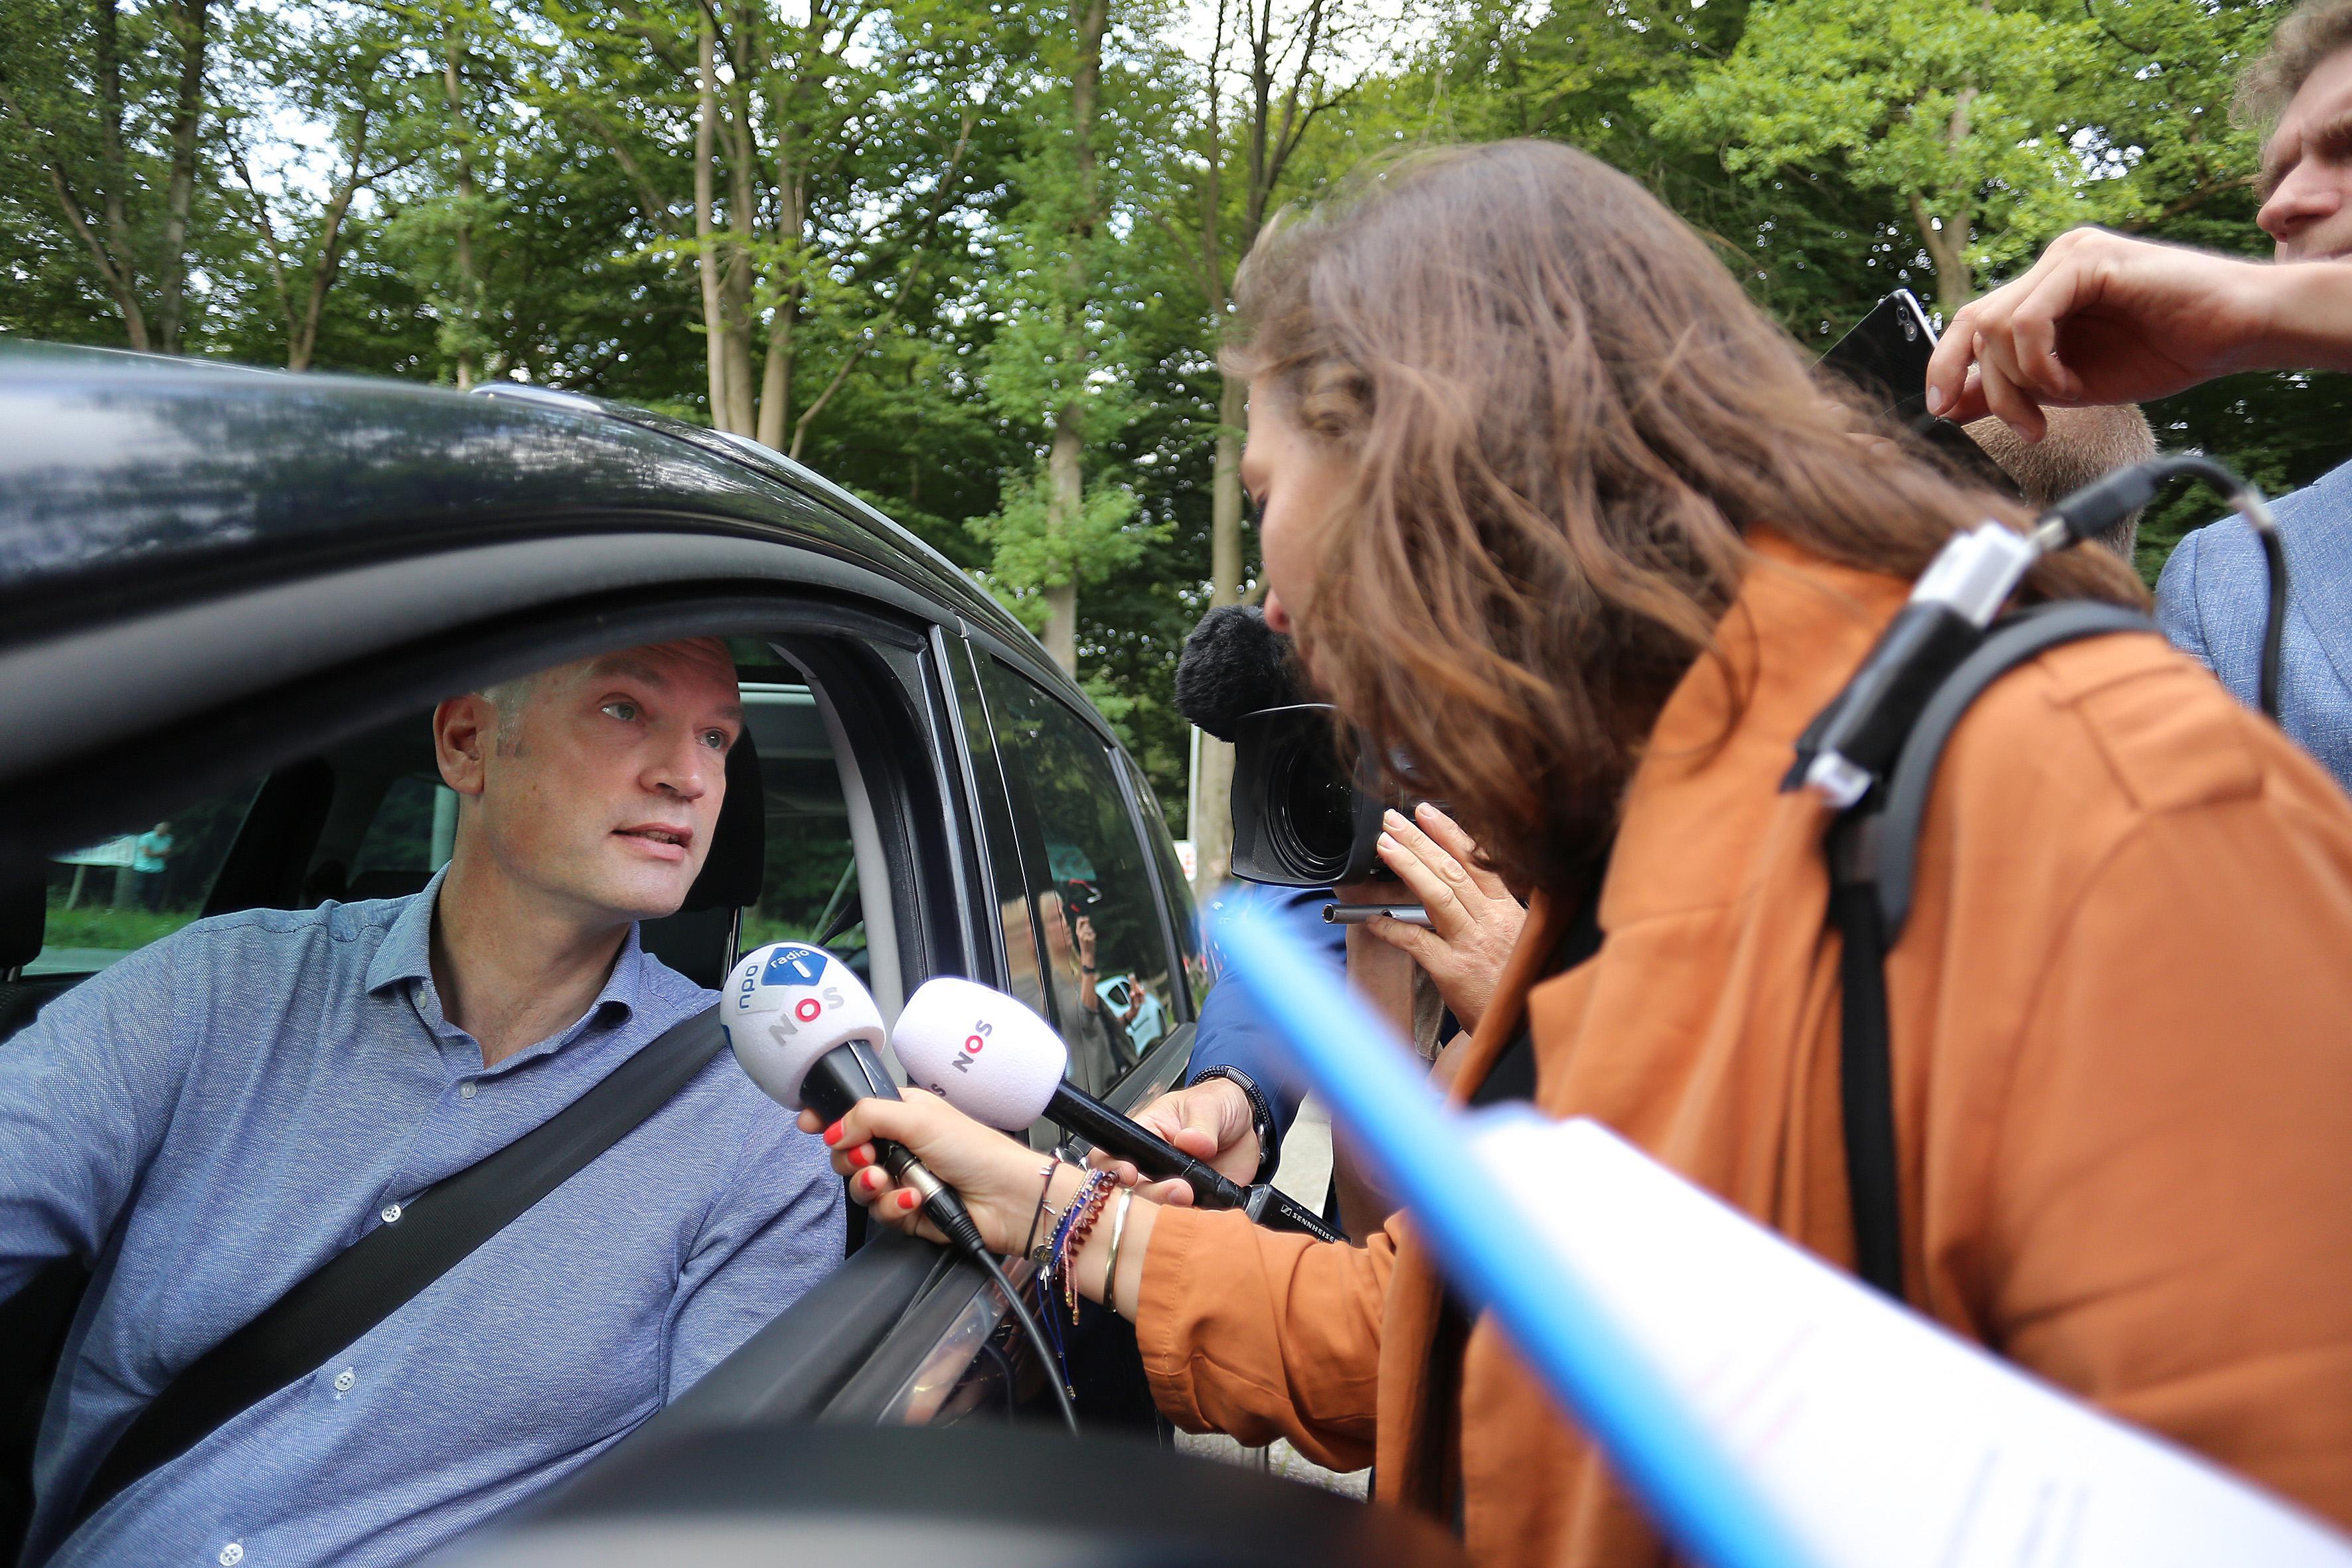 Onderhandelaars aangekomen in Hilversum [foto's]